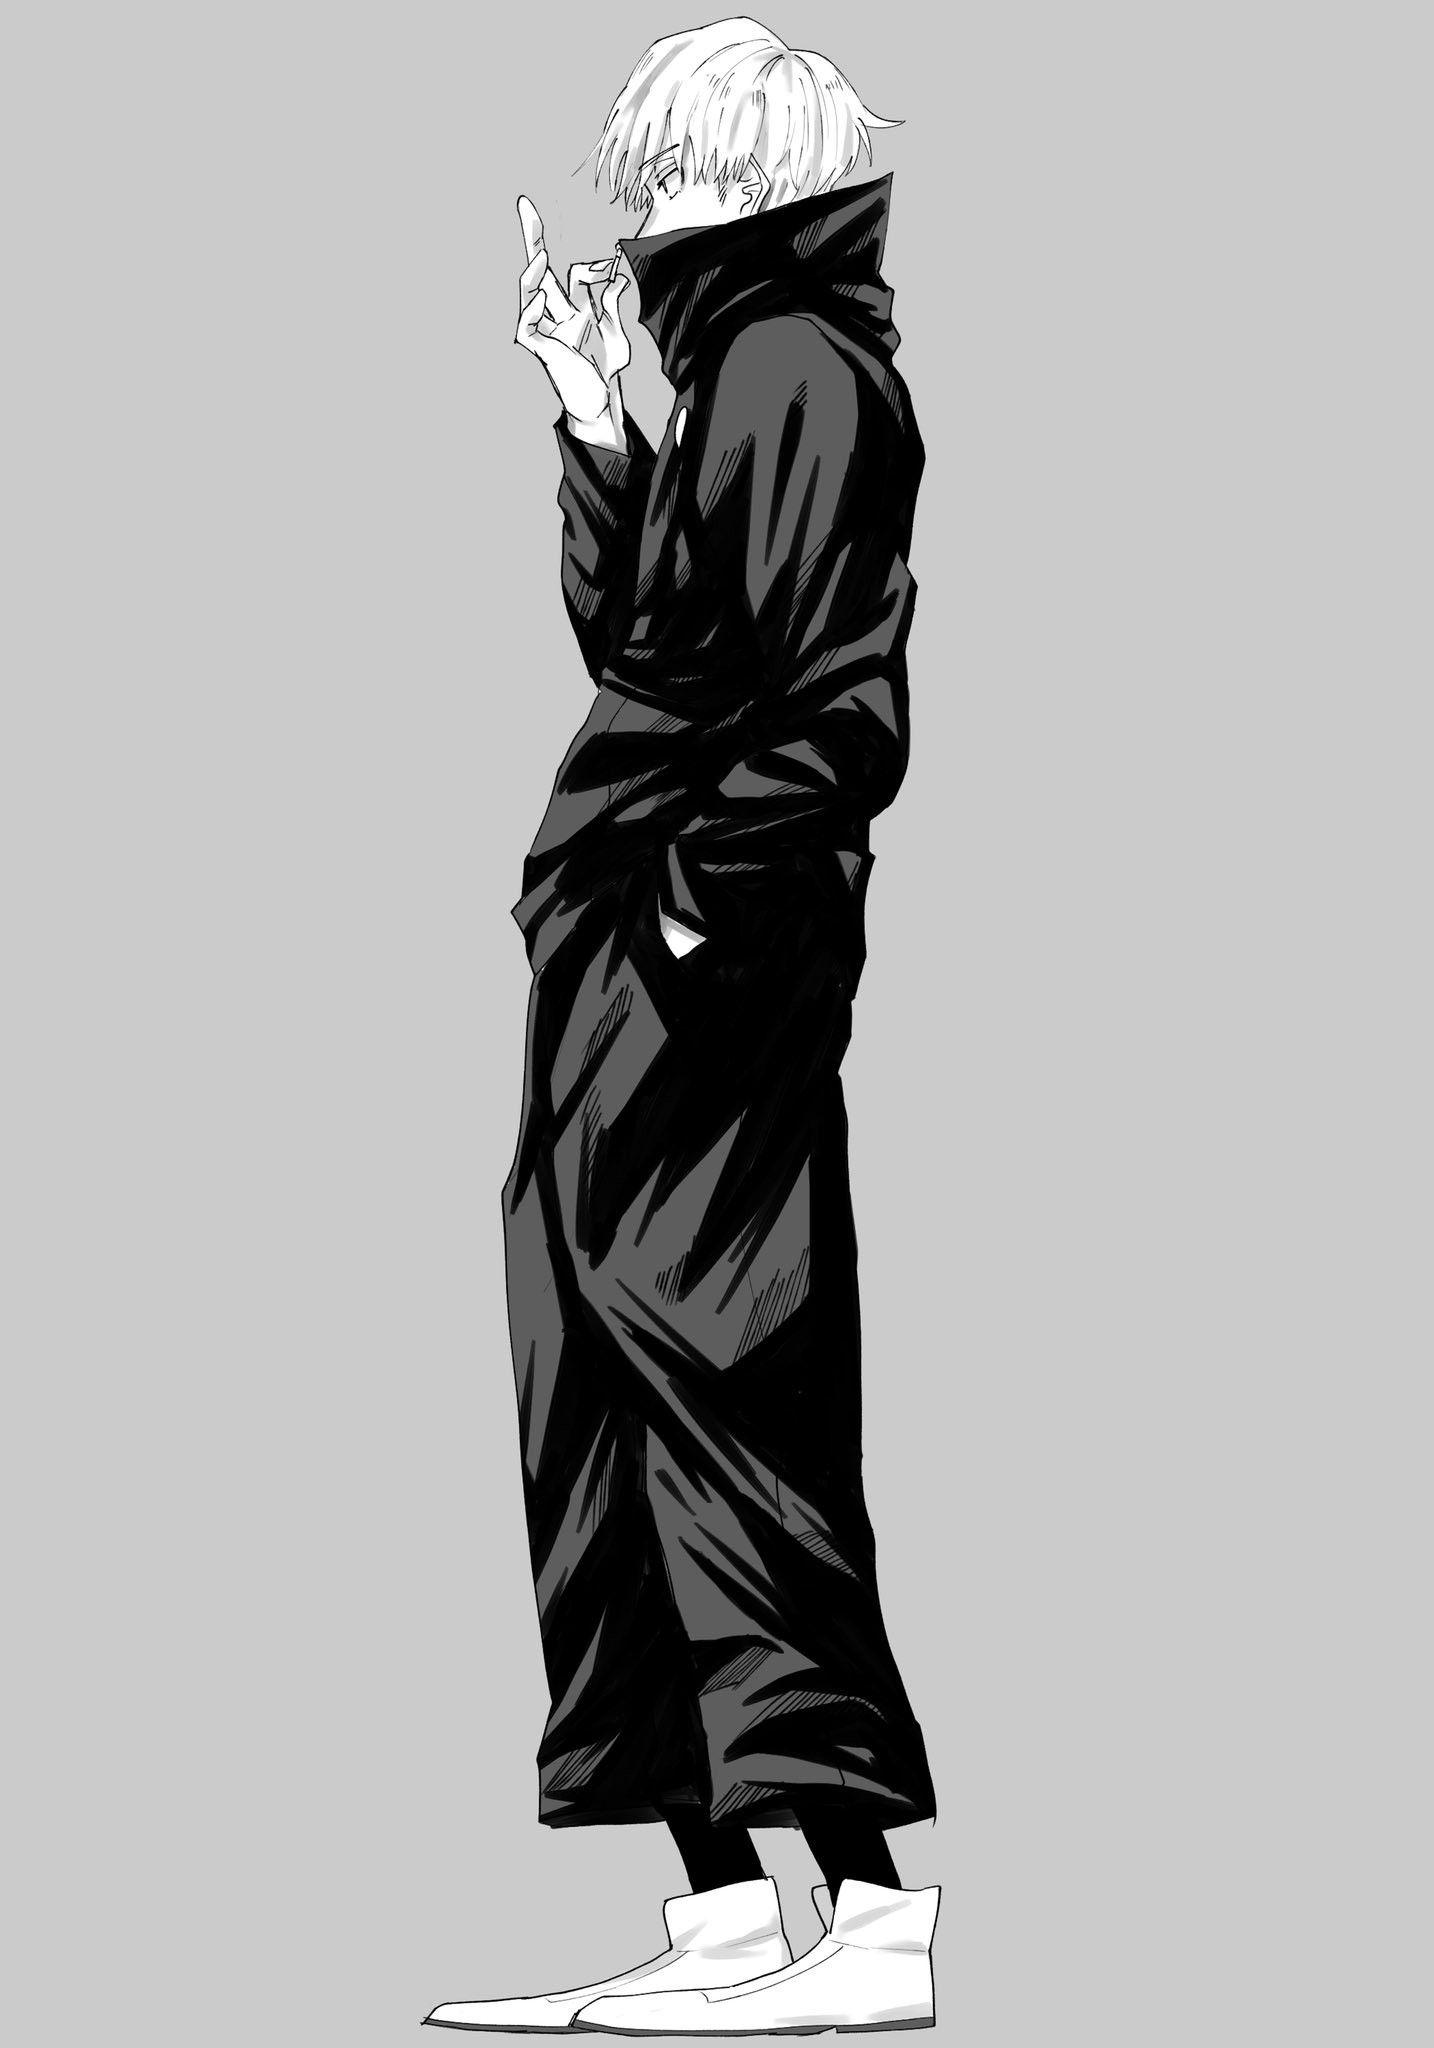 pin by dragon ball on ajujutsu jujutsu anime drawings boy manga art